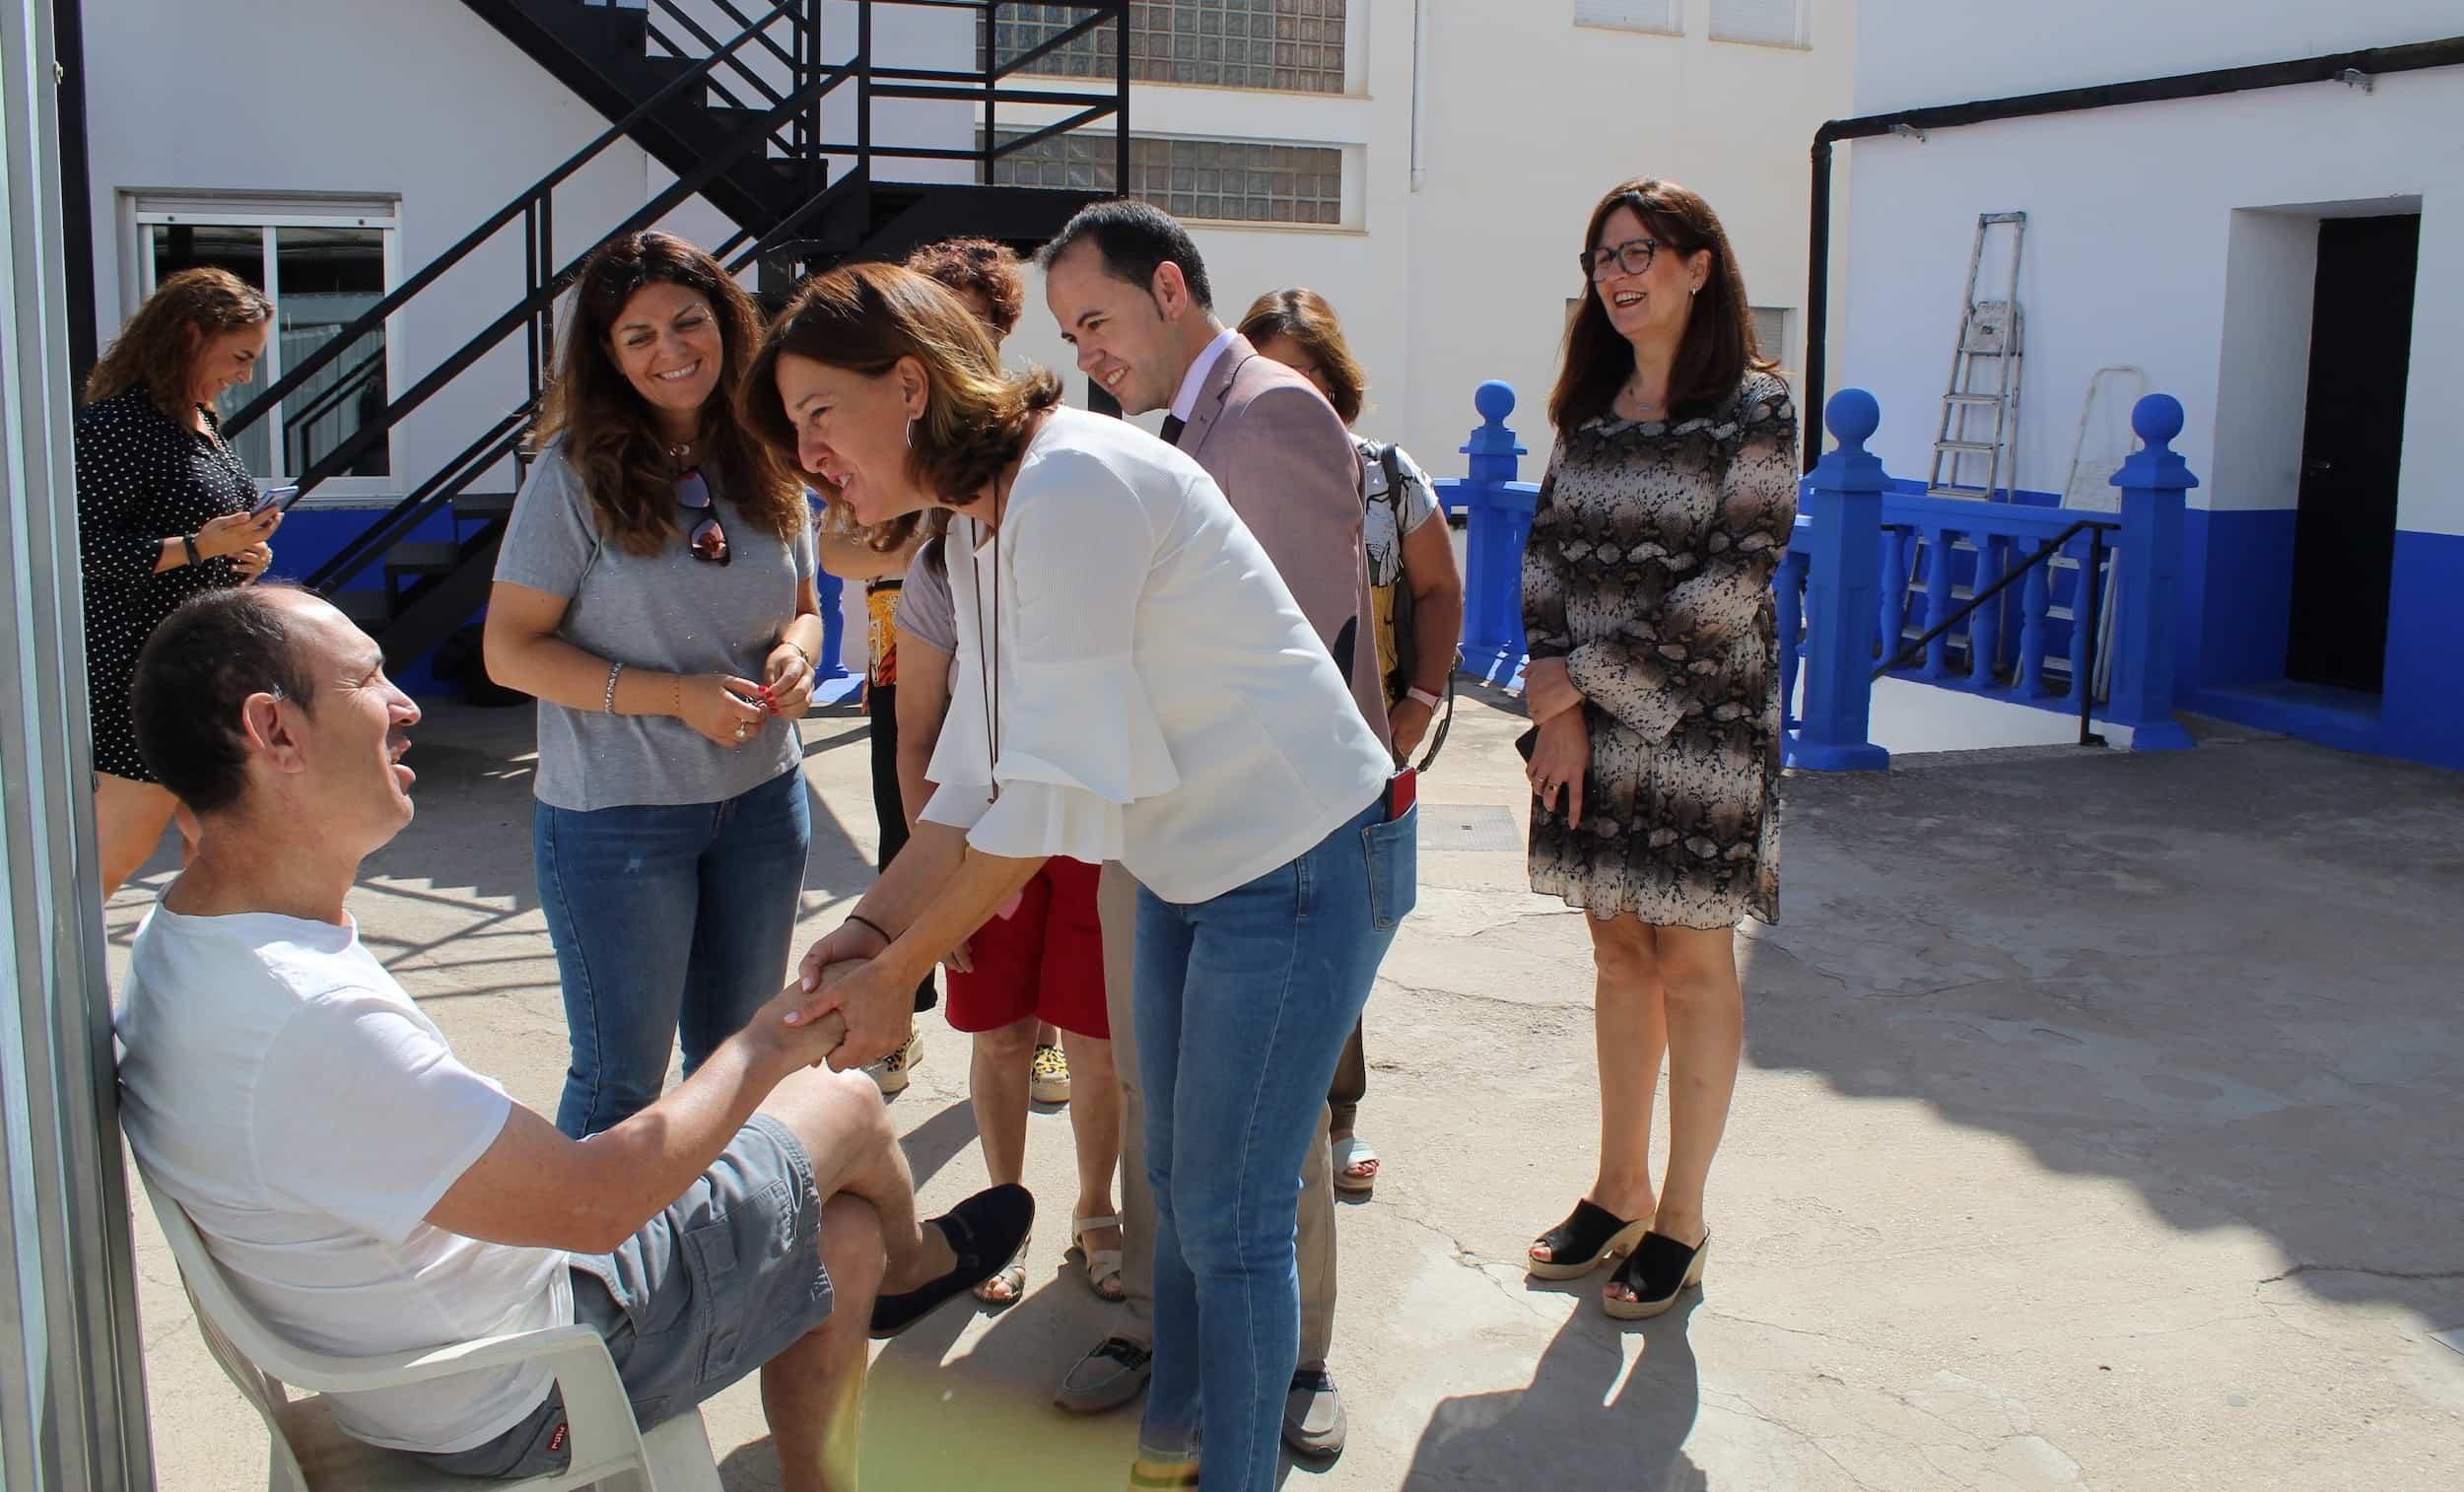 La consejera de Igualdad y portavoz ha visitado Herencia (Ciudad Real) 10